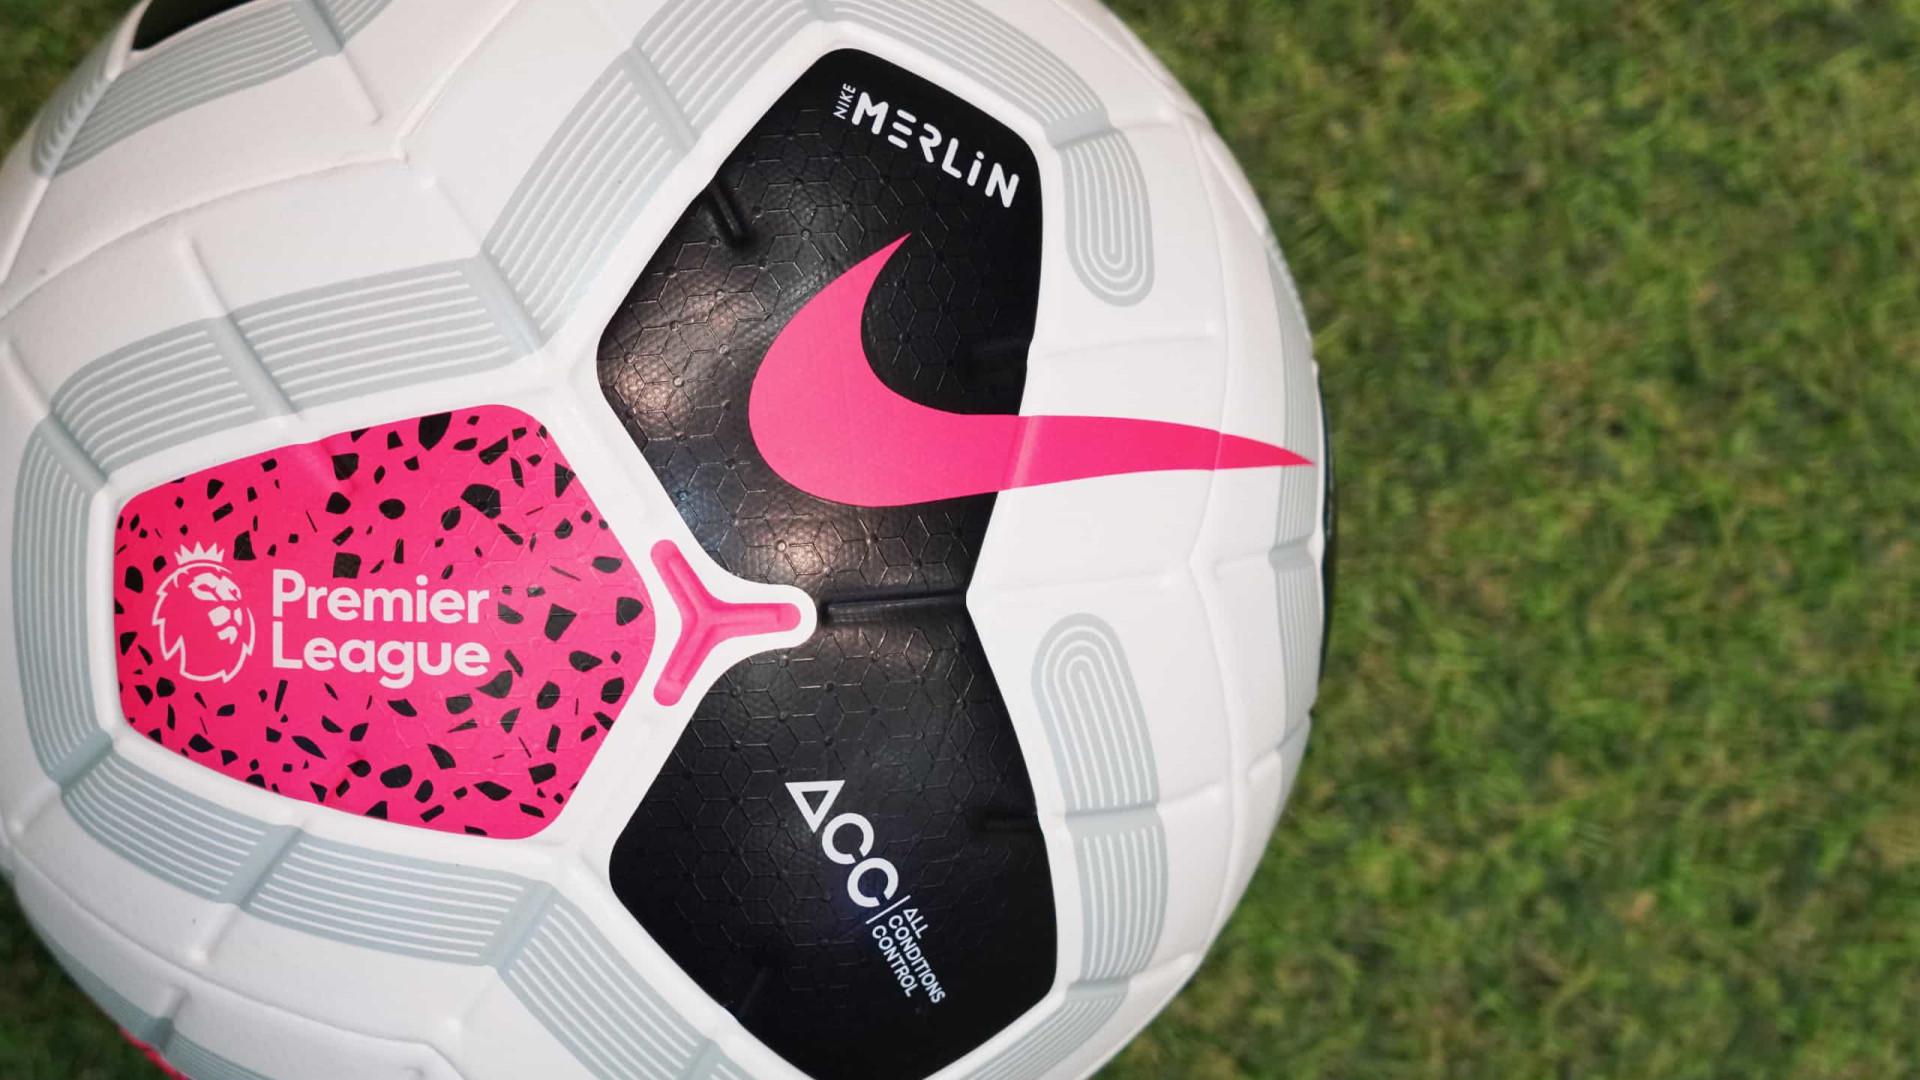 Surto de covid-19 faz Premier League adiar segundo jogo seguido do Aston Villa